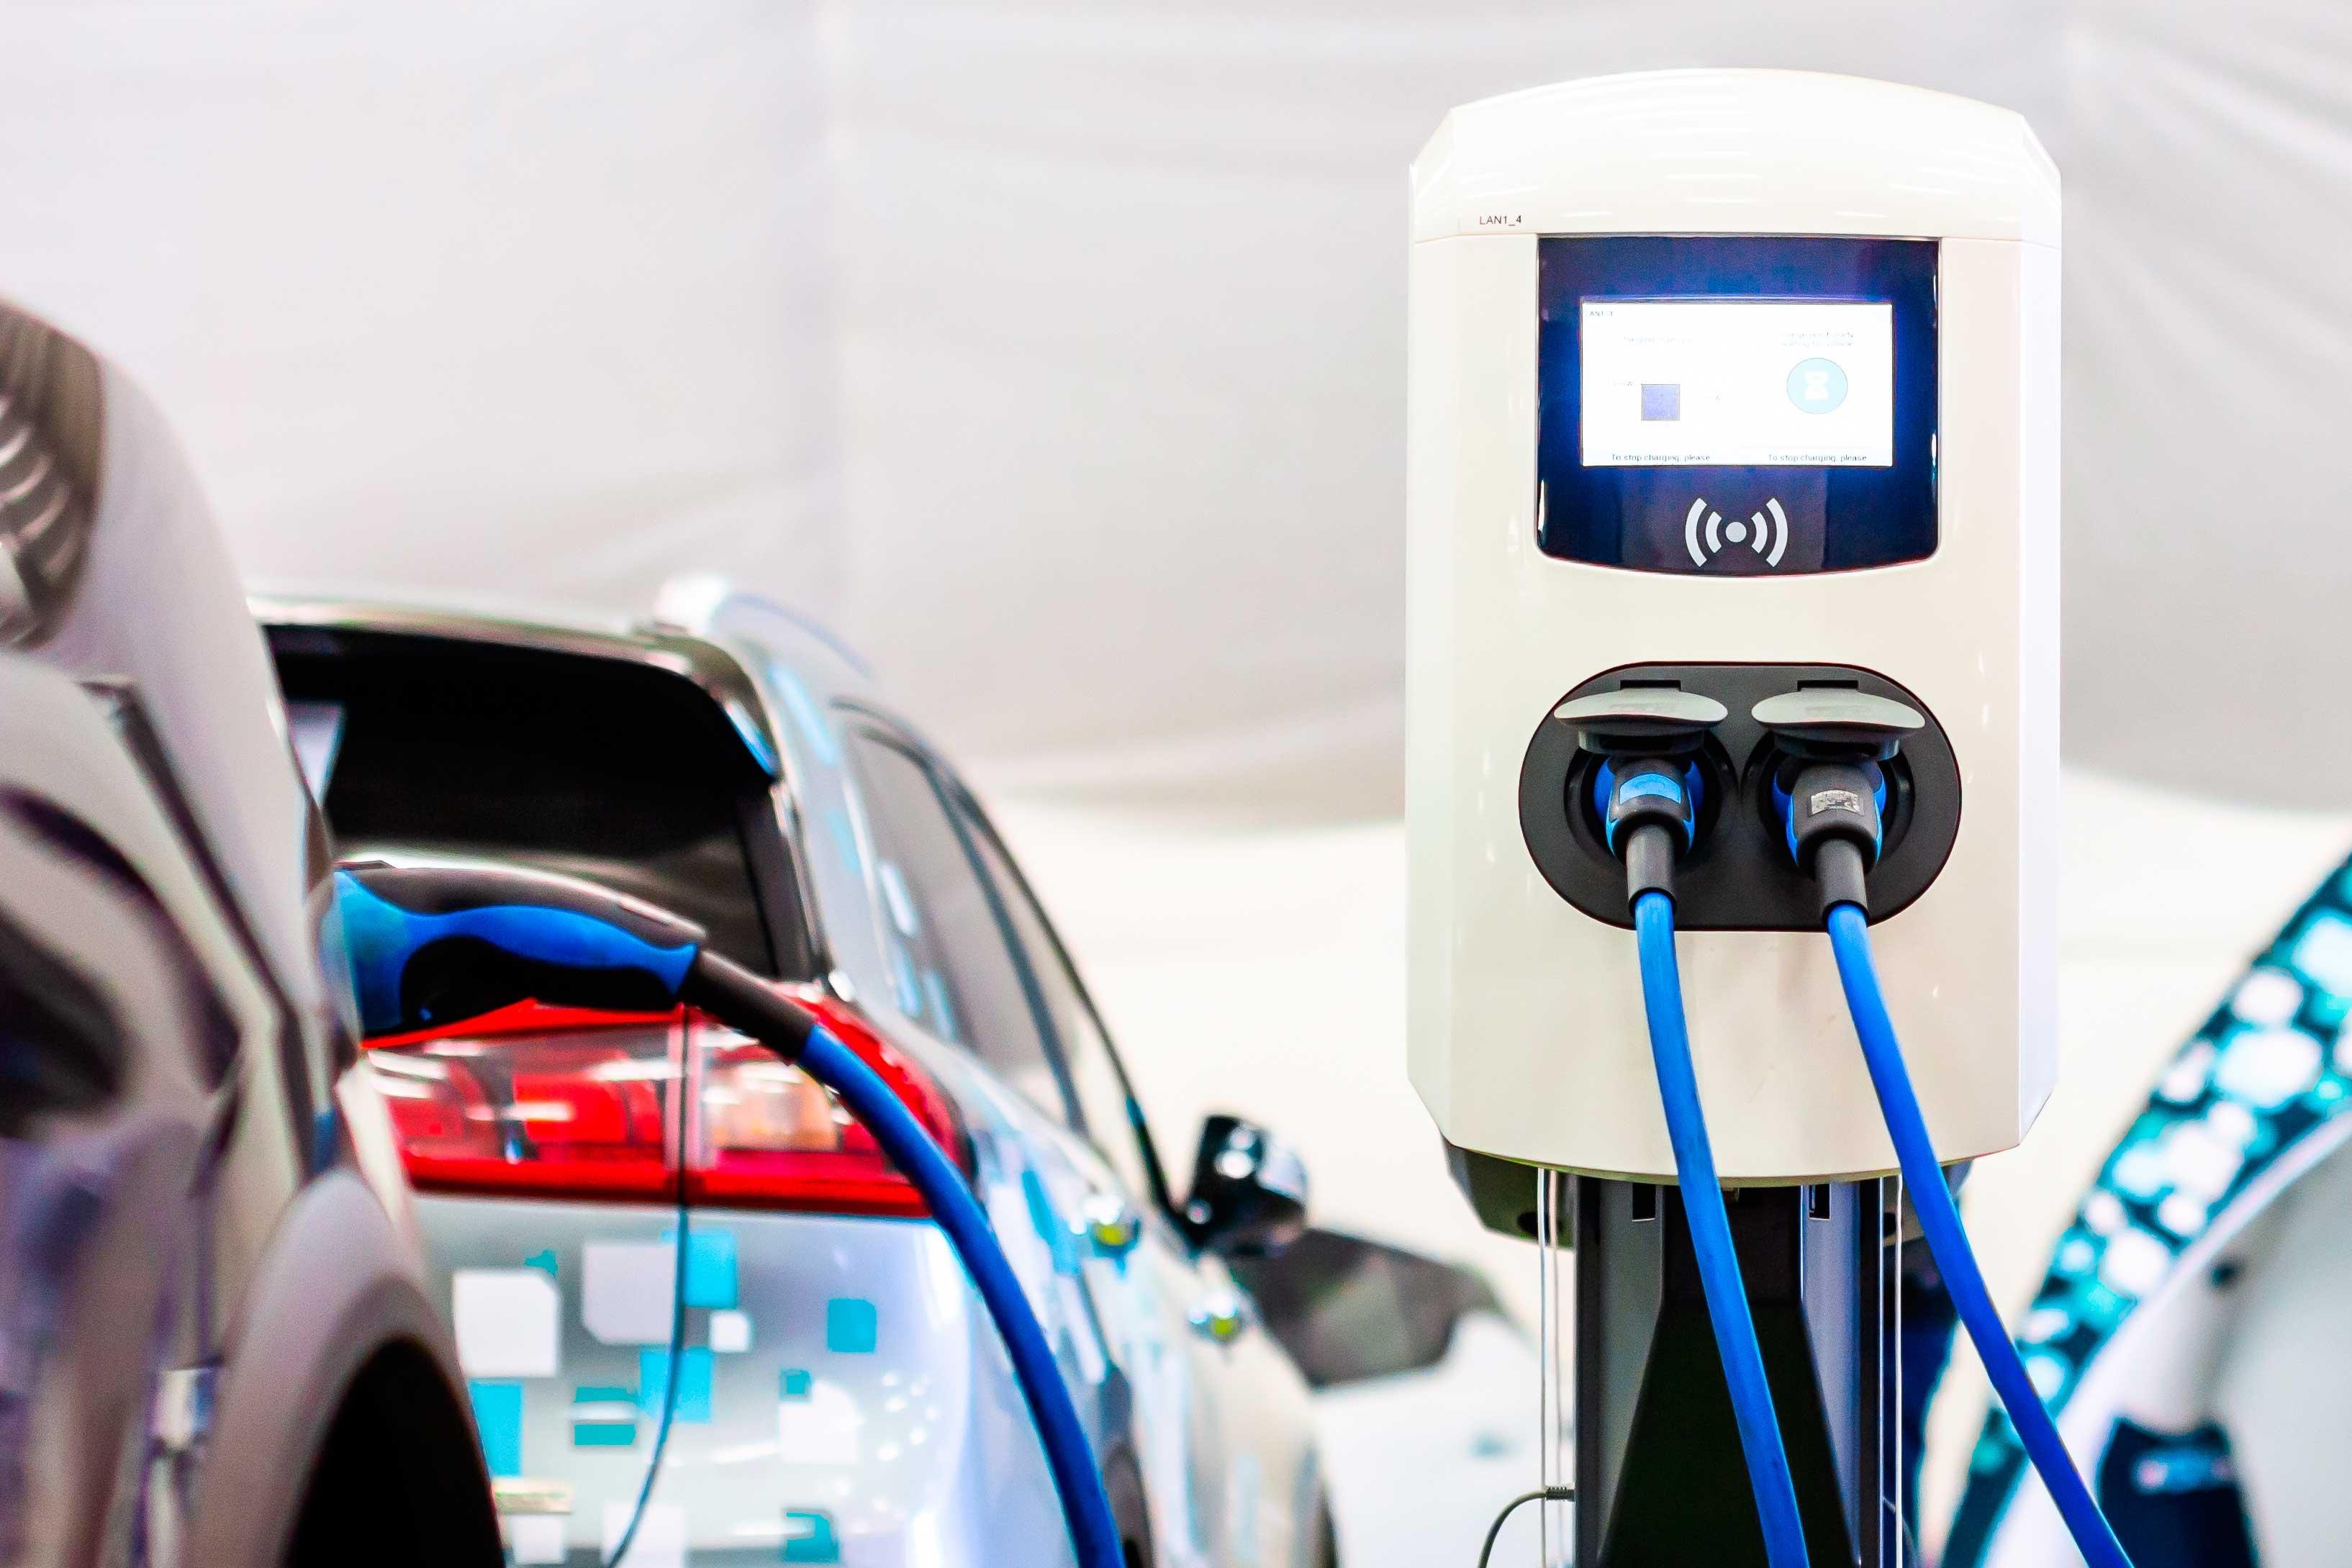 electricos-hibridos